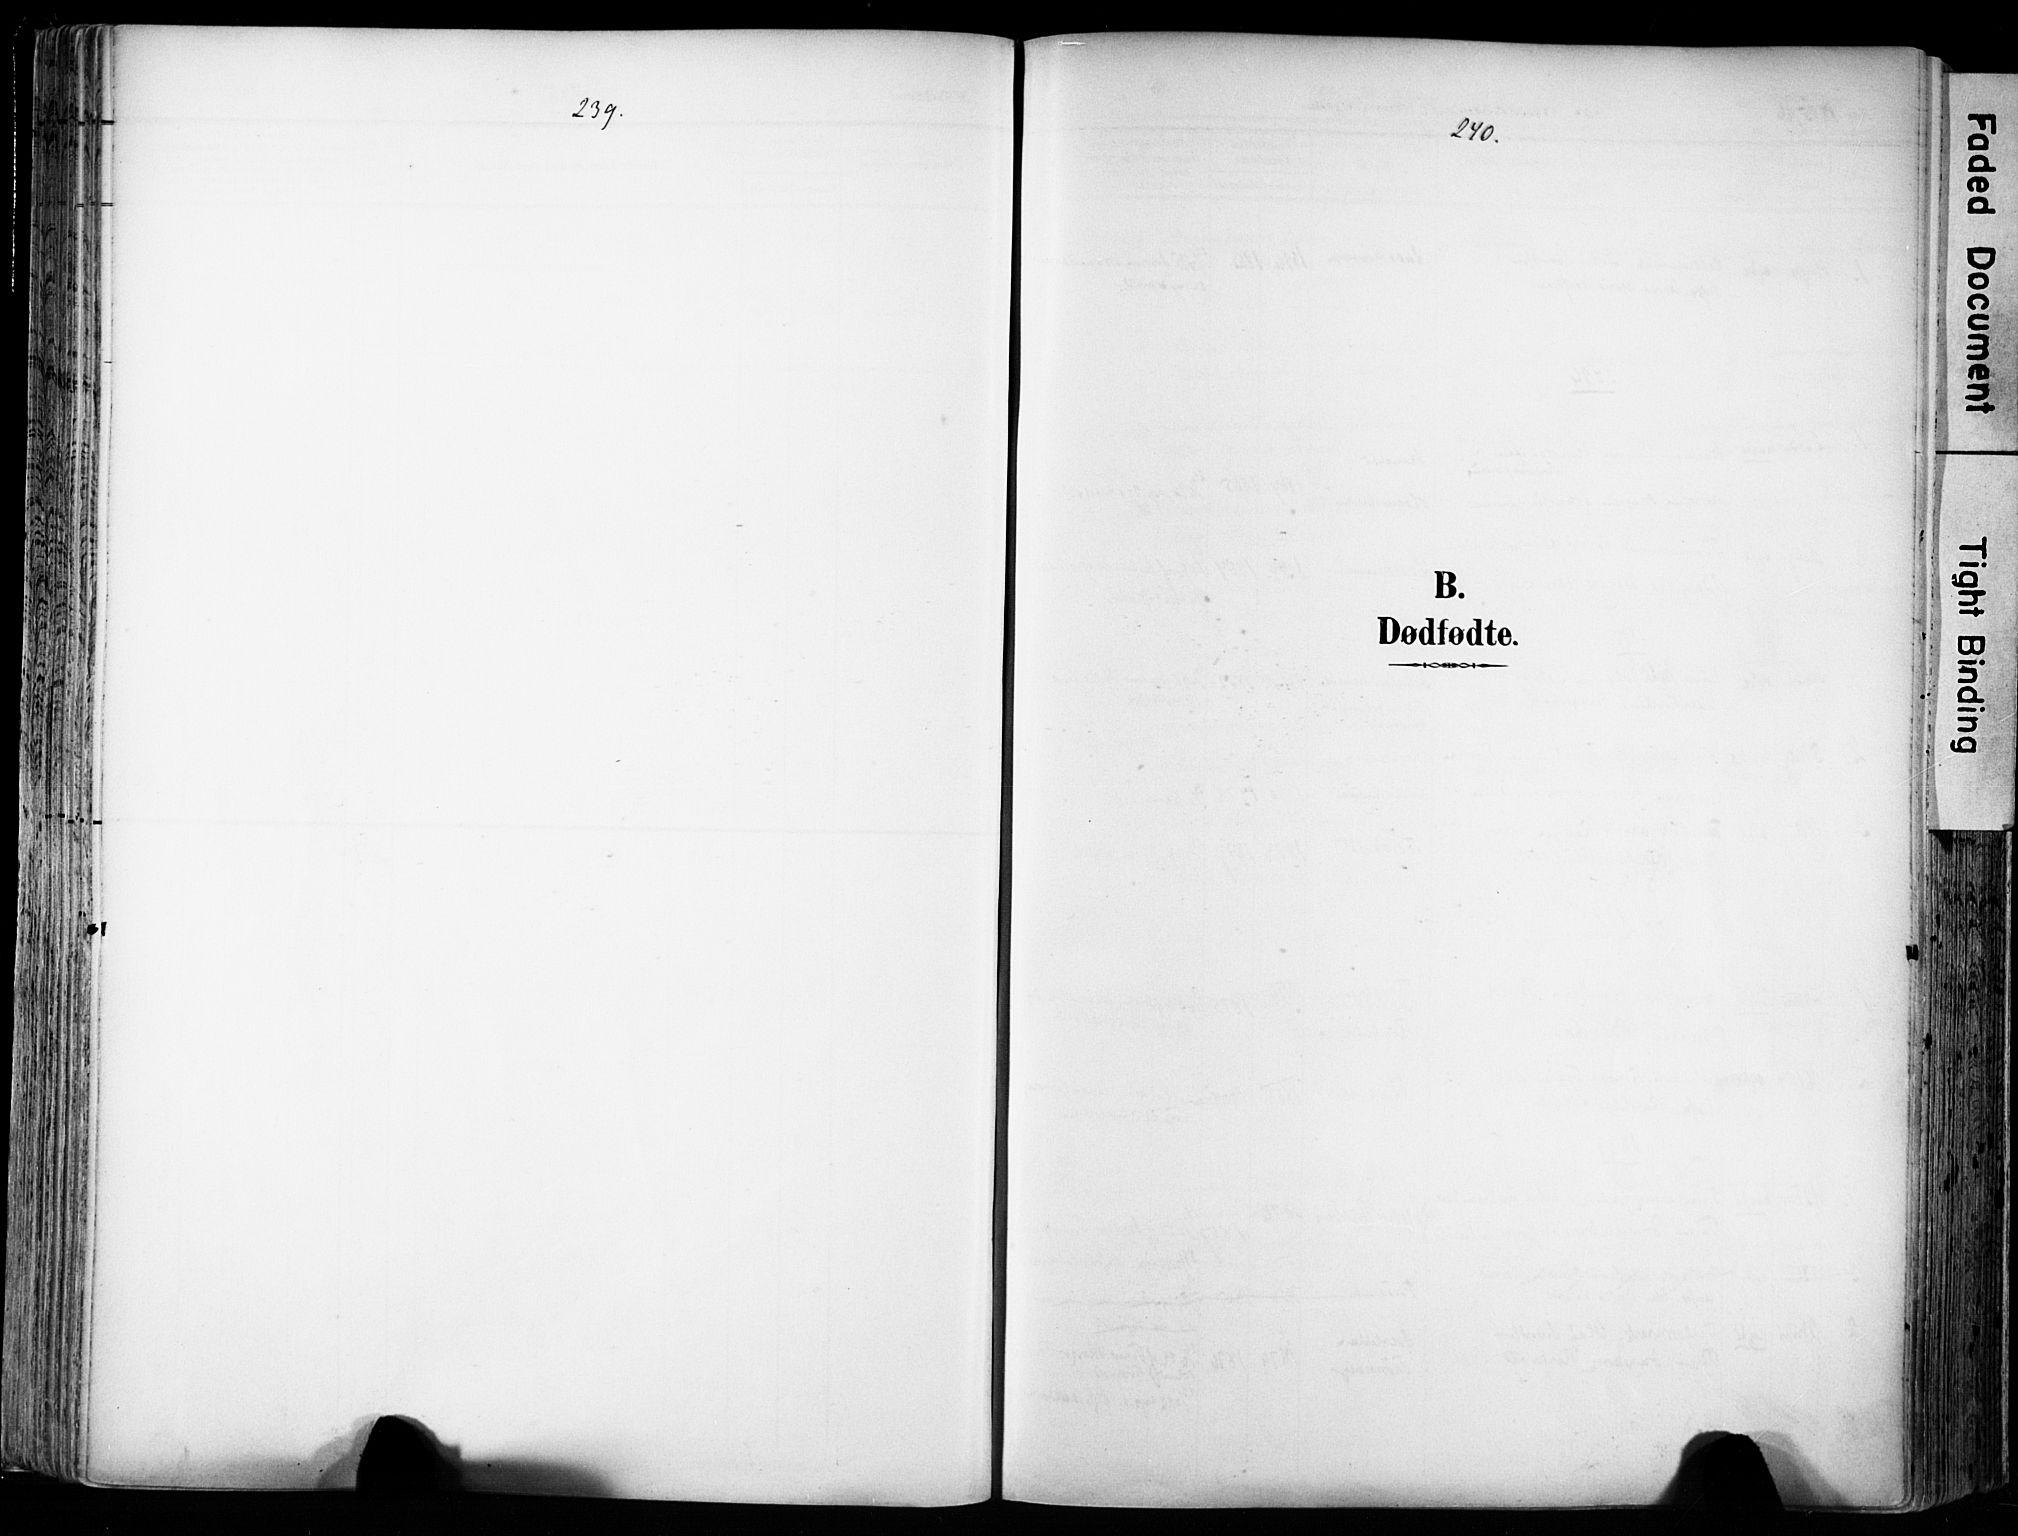 SAT, Ministerialprotokoller, klokkerbøker og fødselsregistre - Sør-Trøndelag, 606/L0301: Ministerialbok nr. 606A16, 1894-1907, s. 239-240